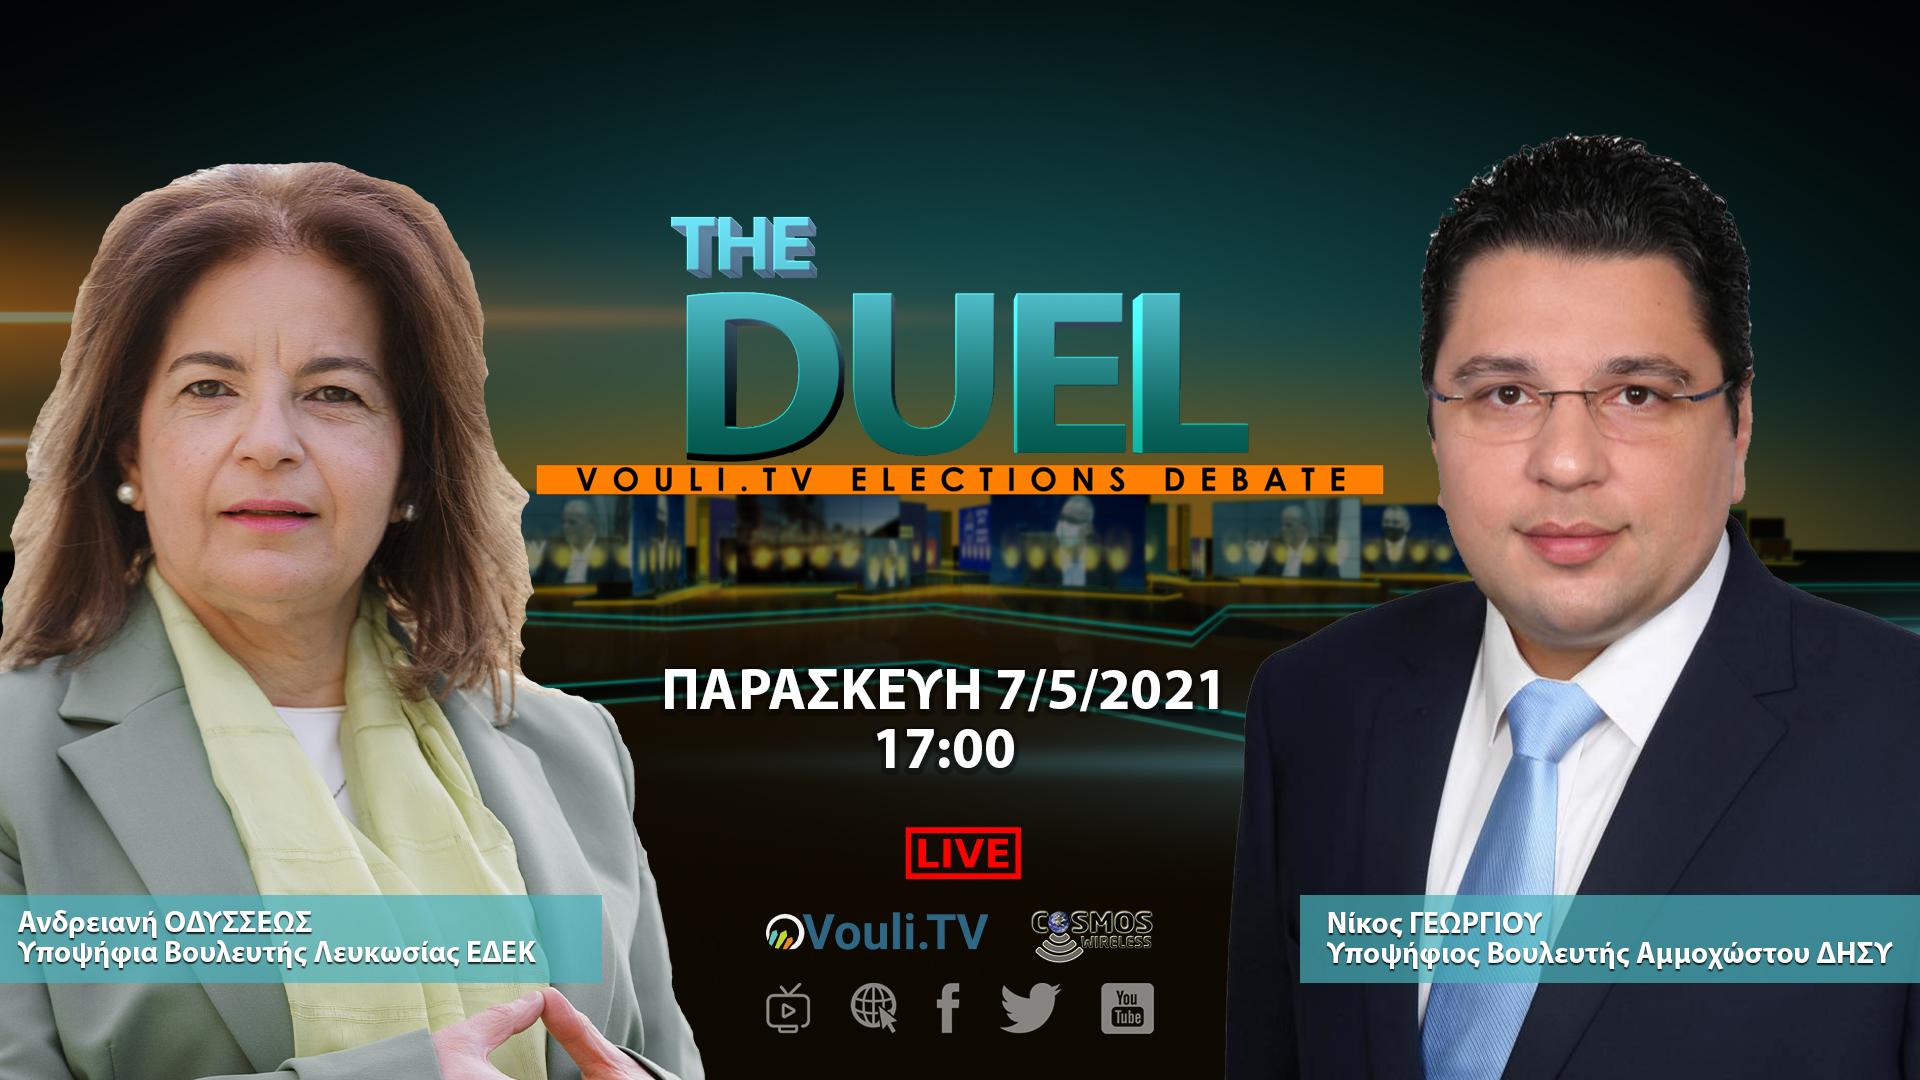 'The Duel' «Η διαχείριση των αποτελεσμάτων της Πενταμερούς», με Γεωργίου (ΔΗΣΥ) και Οδυσσέως (ΕΔΕΚ) | 07/05/2021